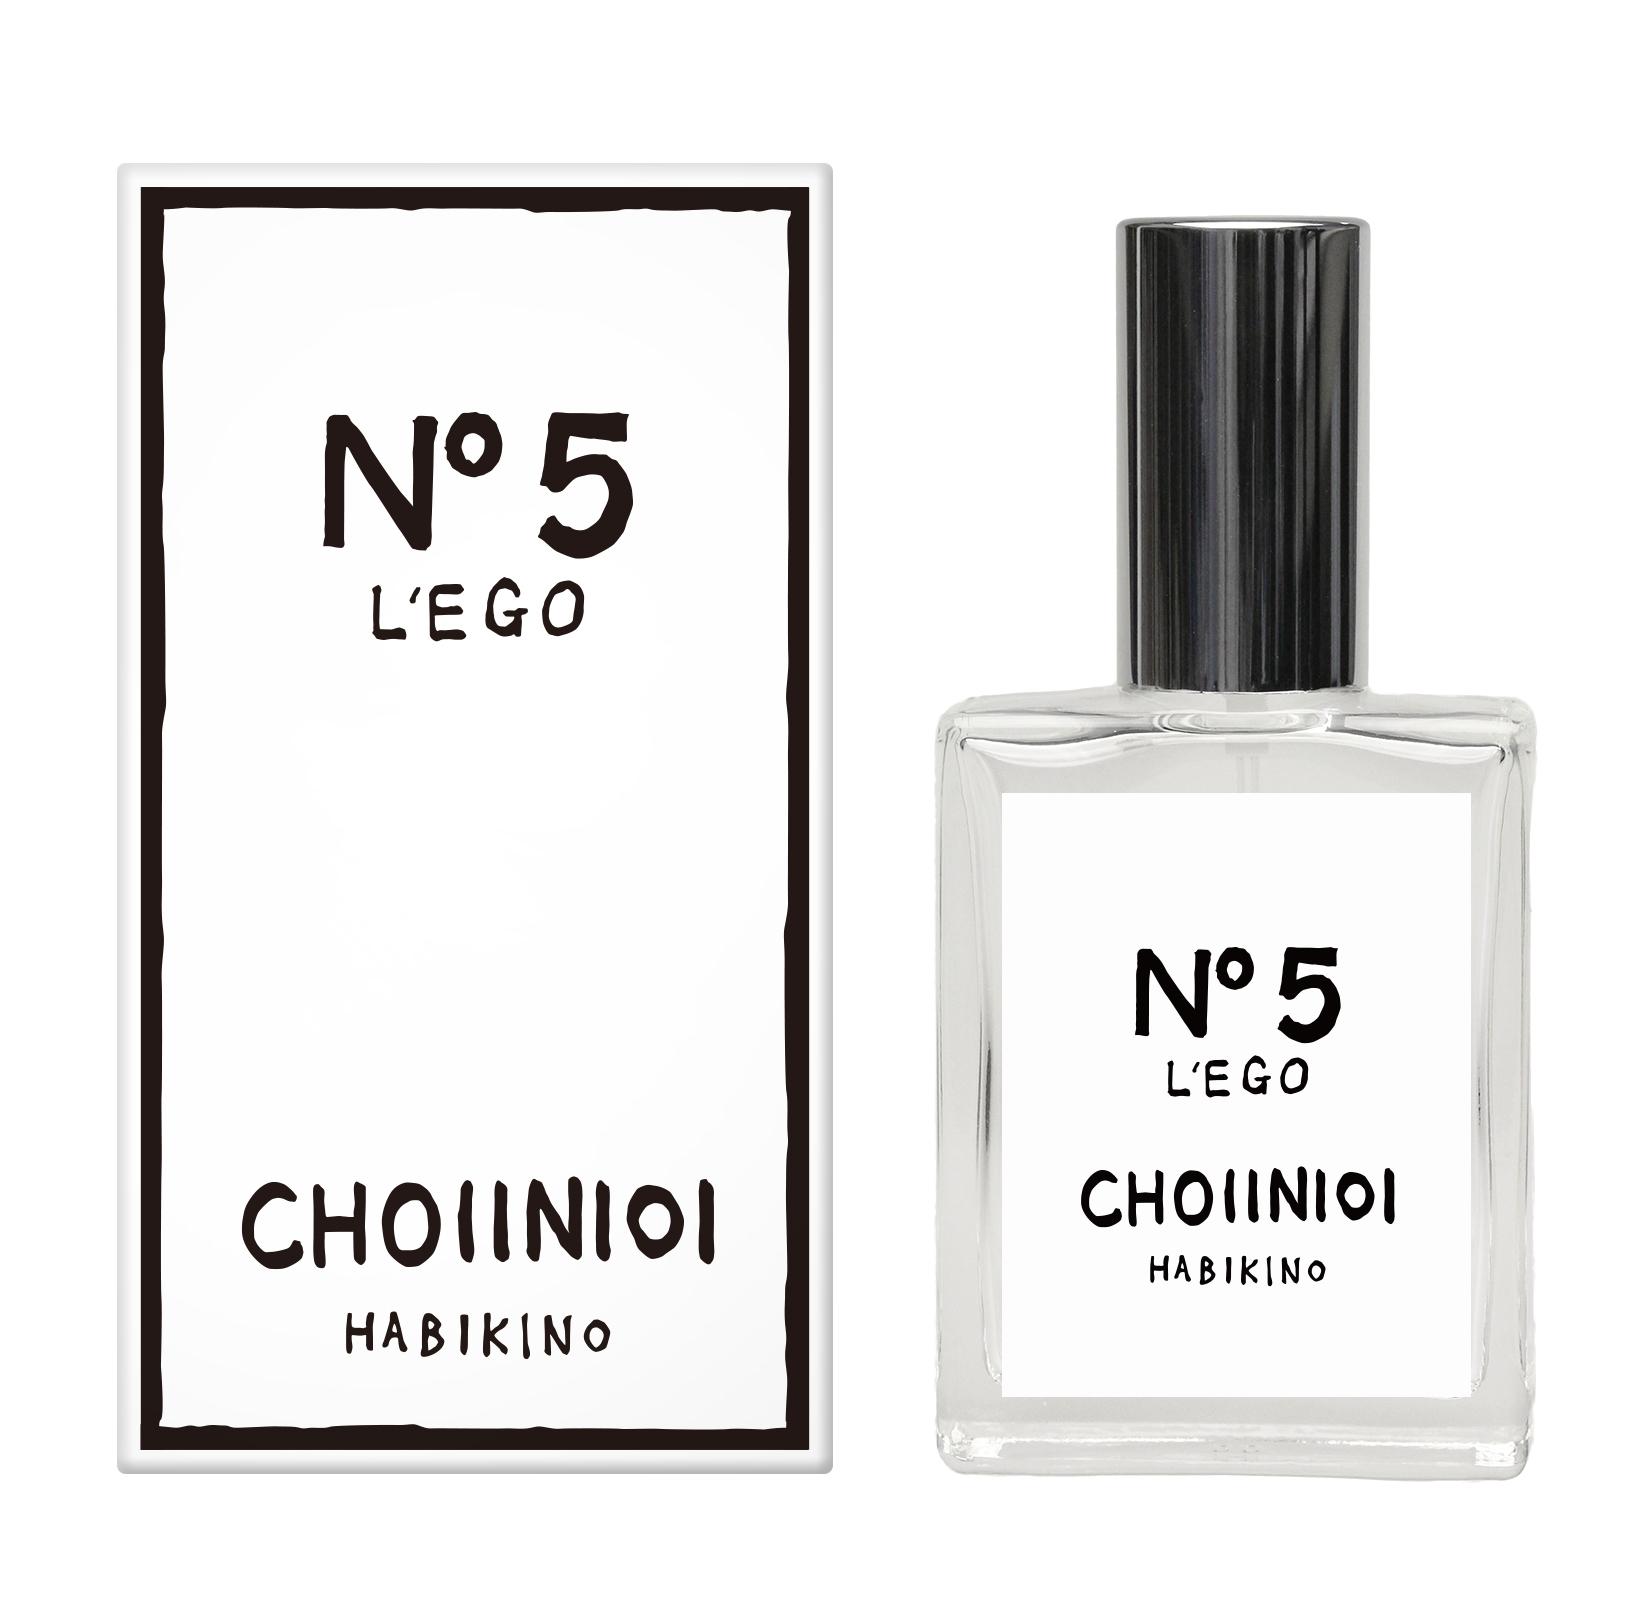 【メンバープロデュースグッズVol.3】タナカヒロキ プロデュース商品 香水「CHOIINIOI」